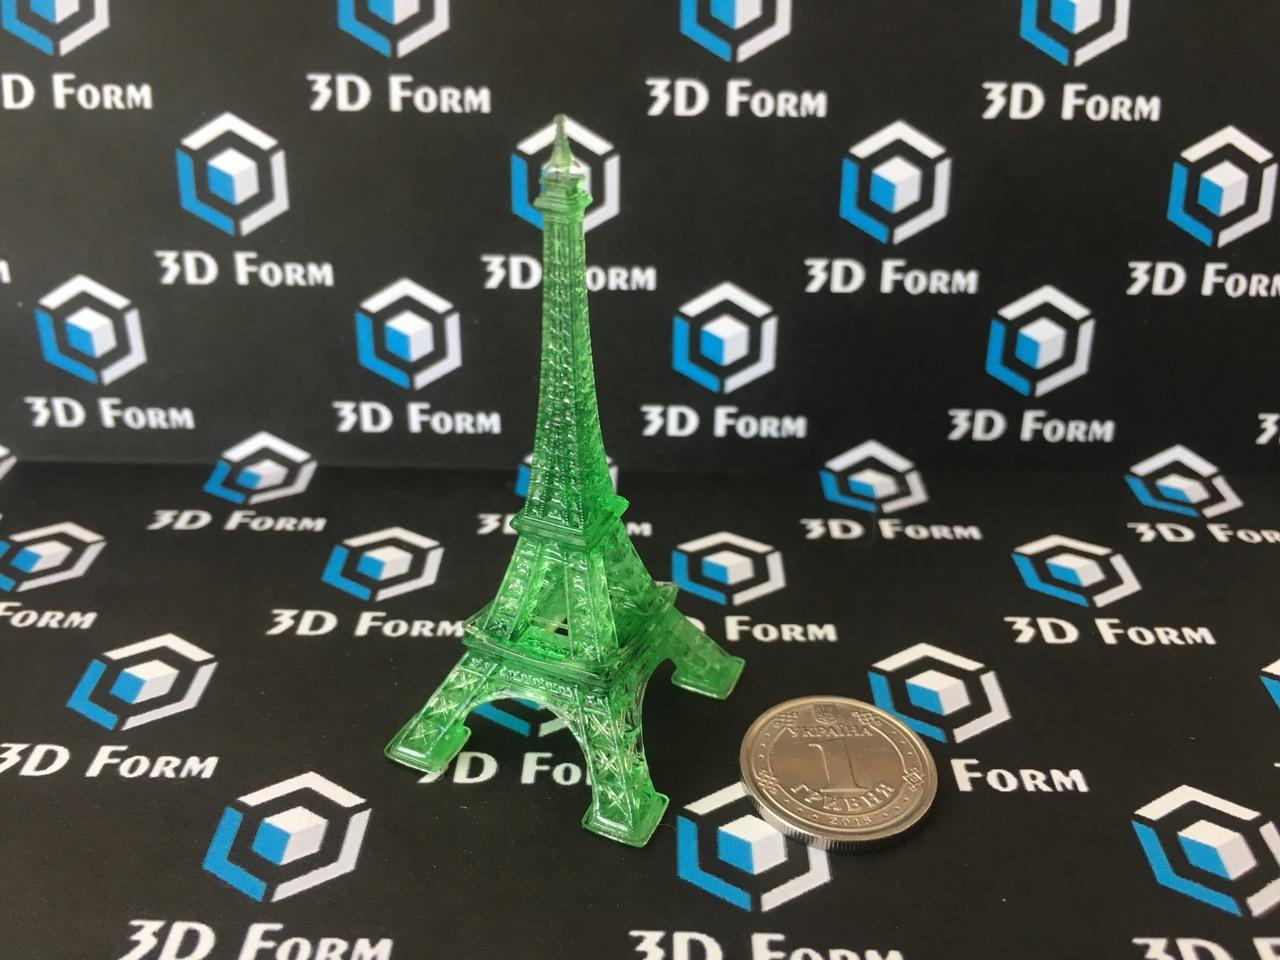 Фото 3D печать - фотополимерная 3D печать 5